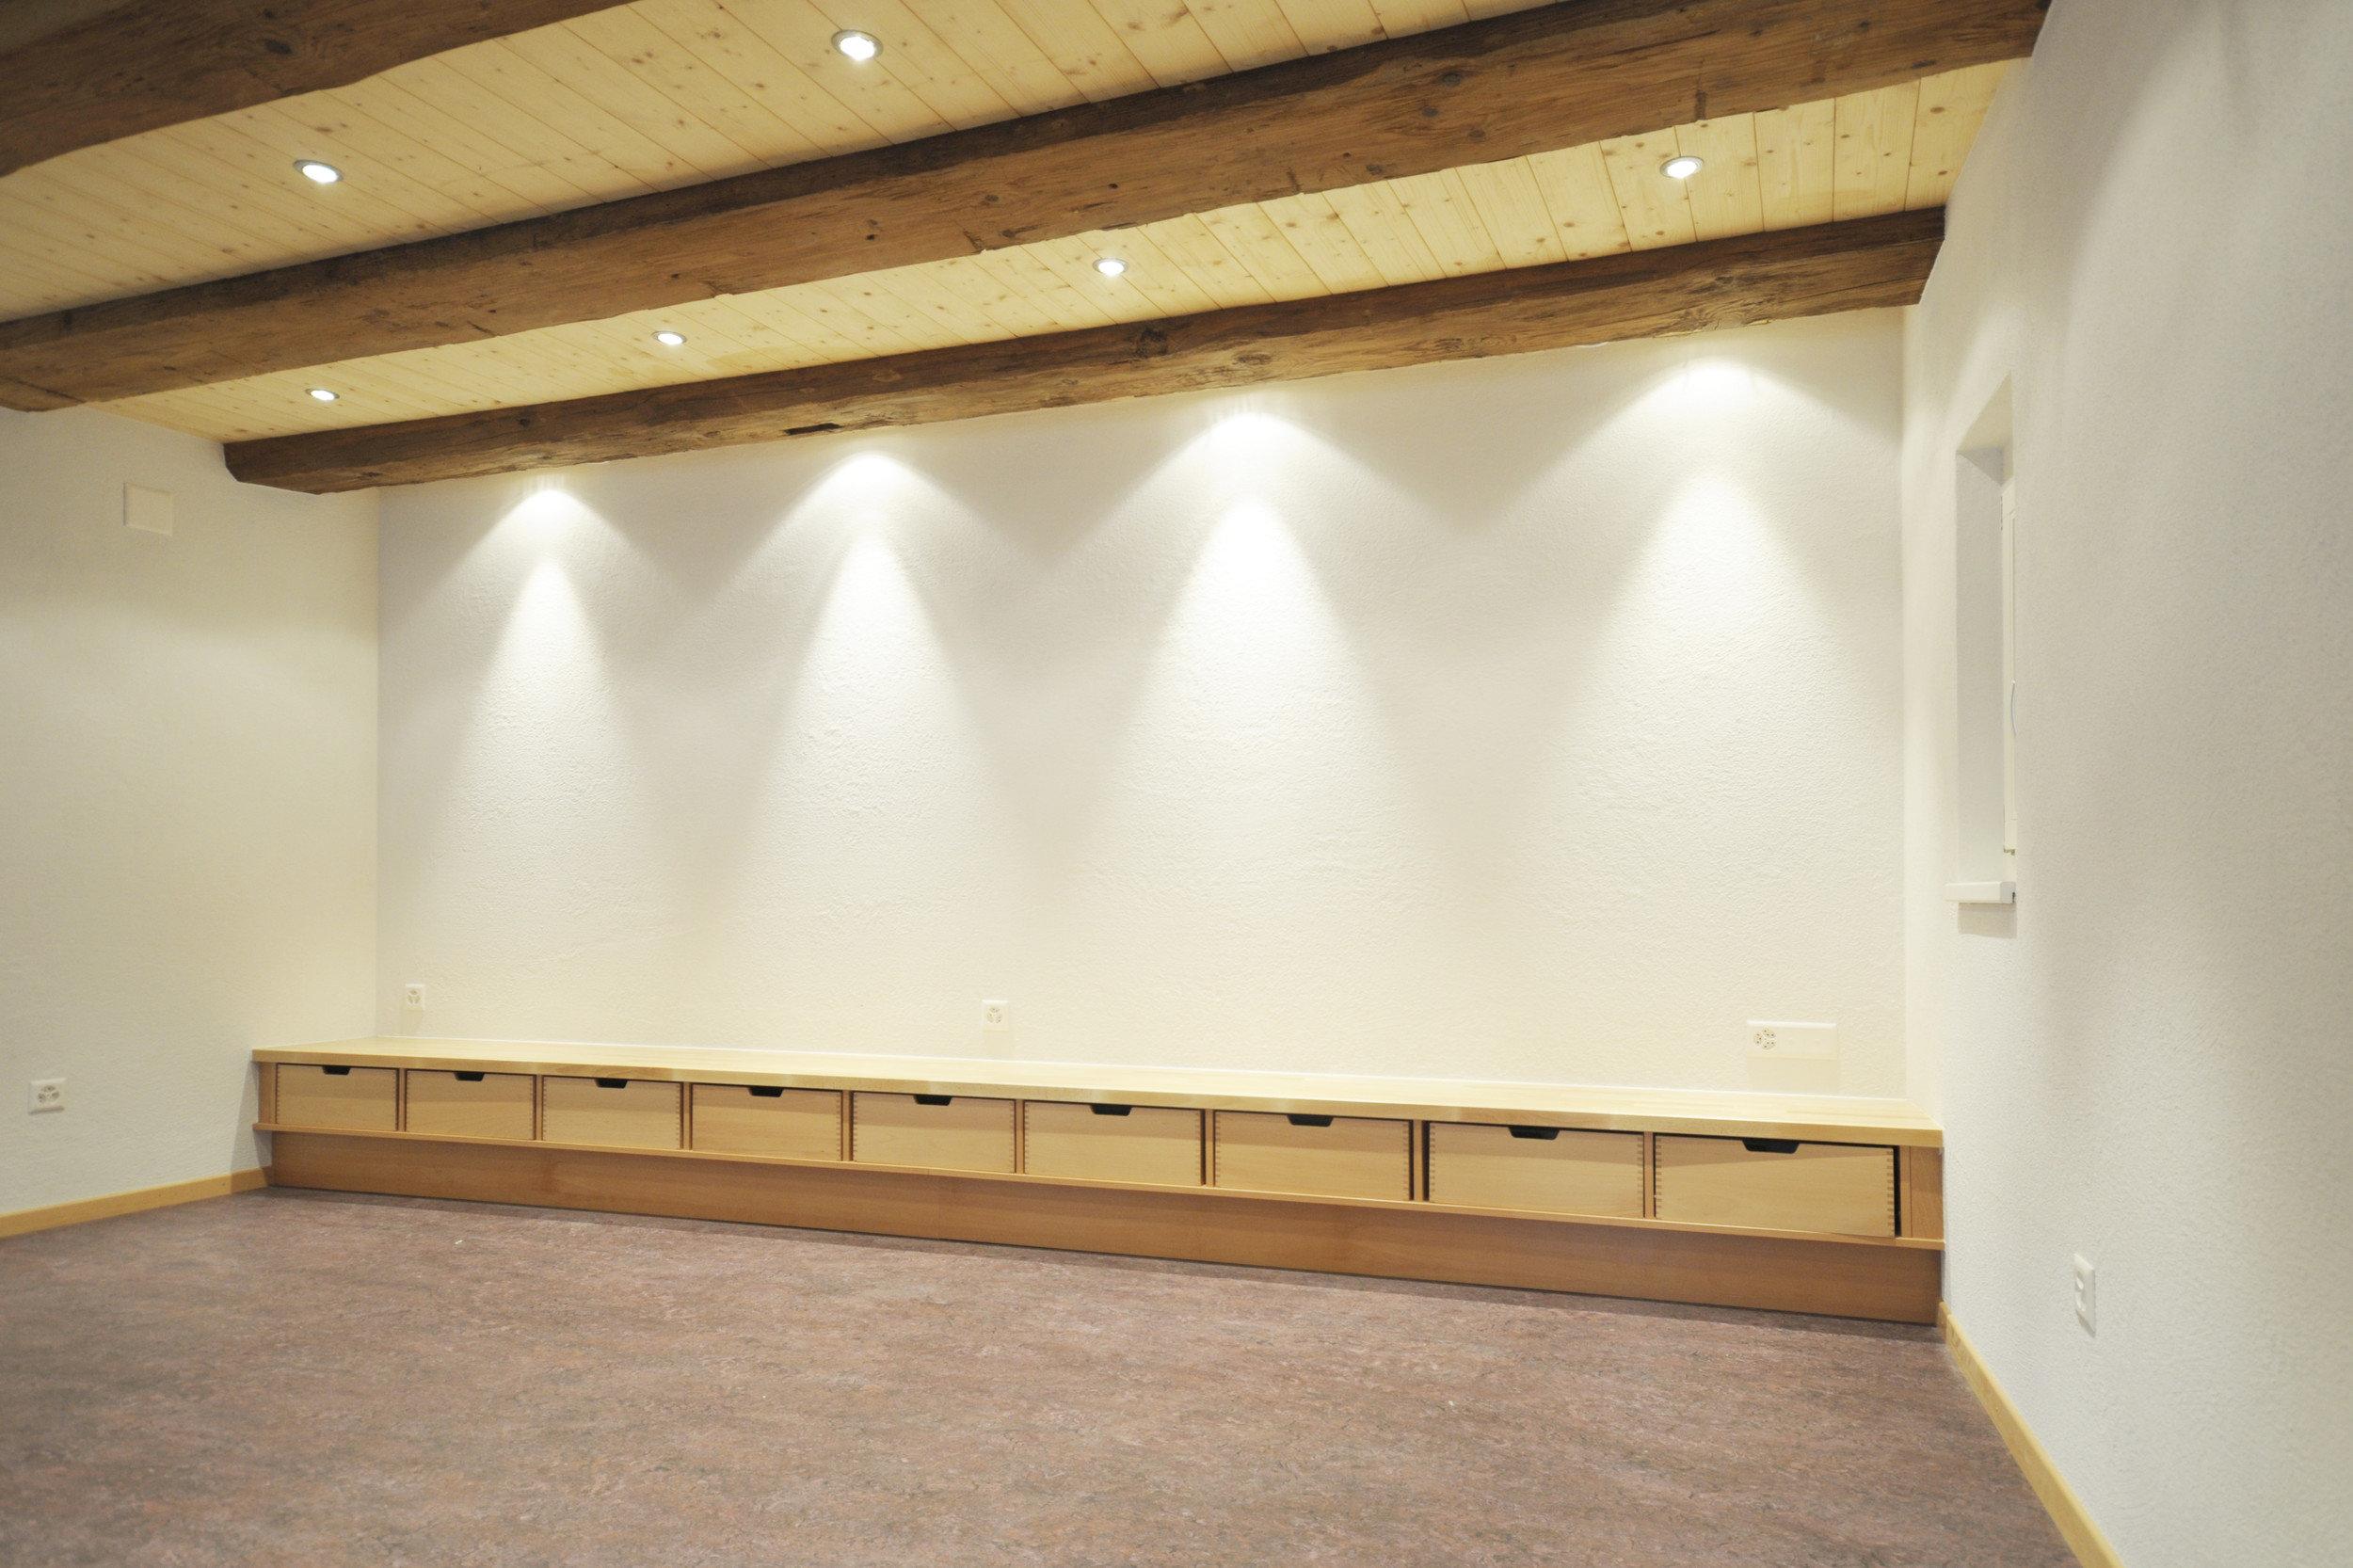 Raum mit Sitzmöglichkeit aus Holz und beleuchteter Wand